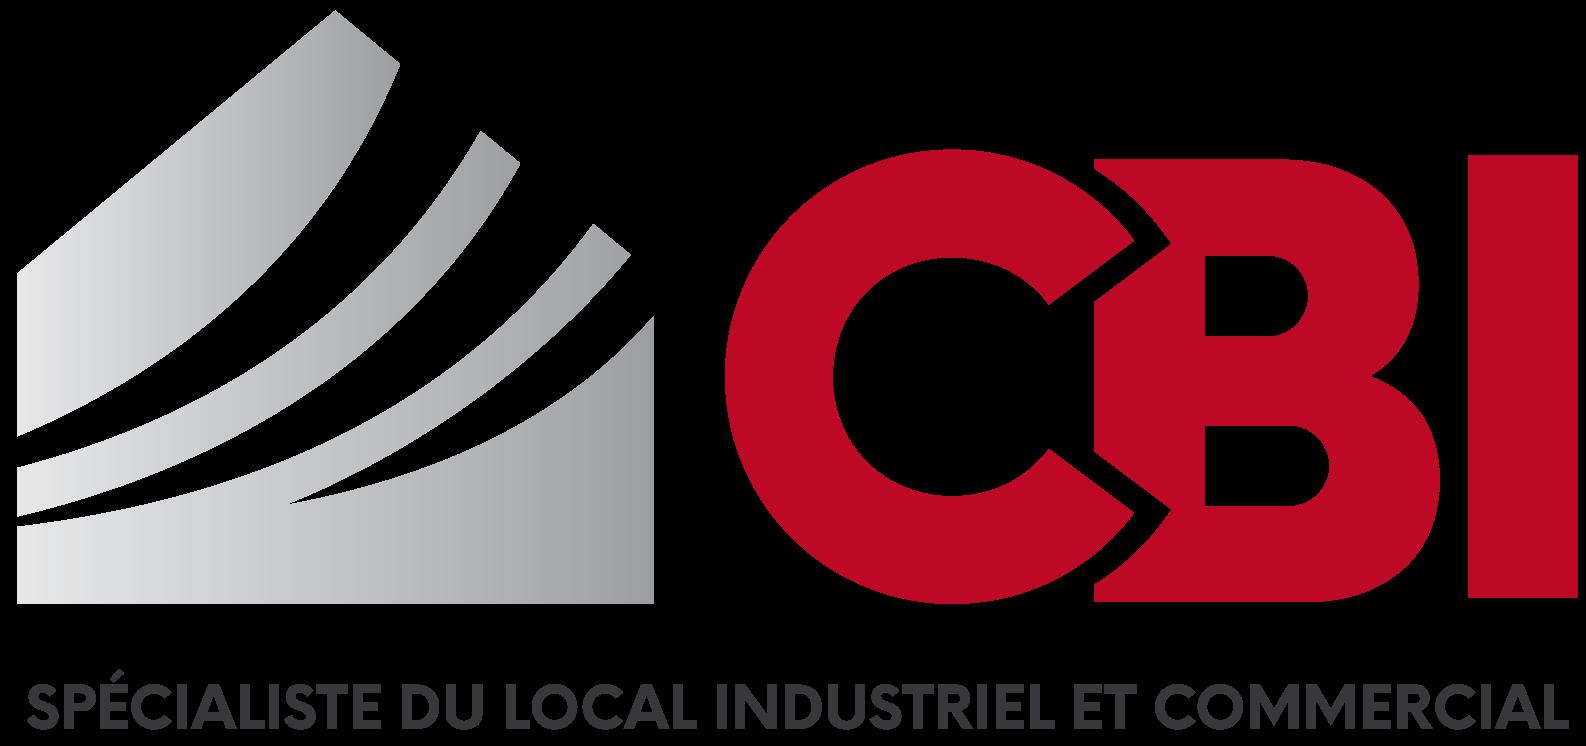 CBI : spécialiste du local professionnel, industriel et commerciale